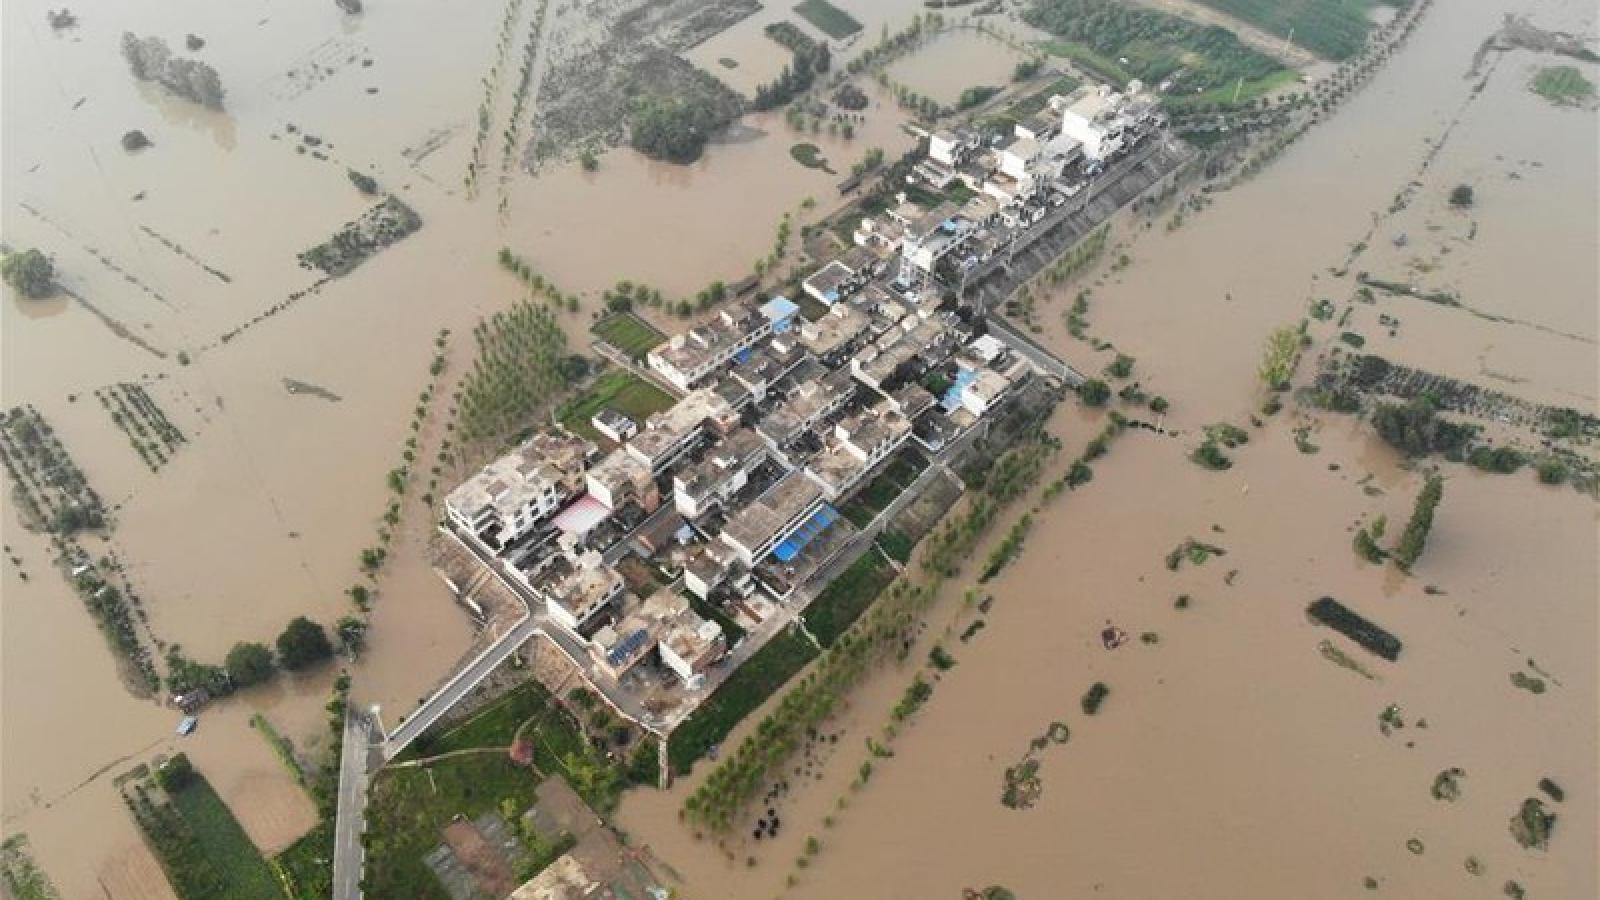 Sông Hoài (Trung Quốc) sắp phải gánh chịu 2 đợt mưa lớn